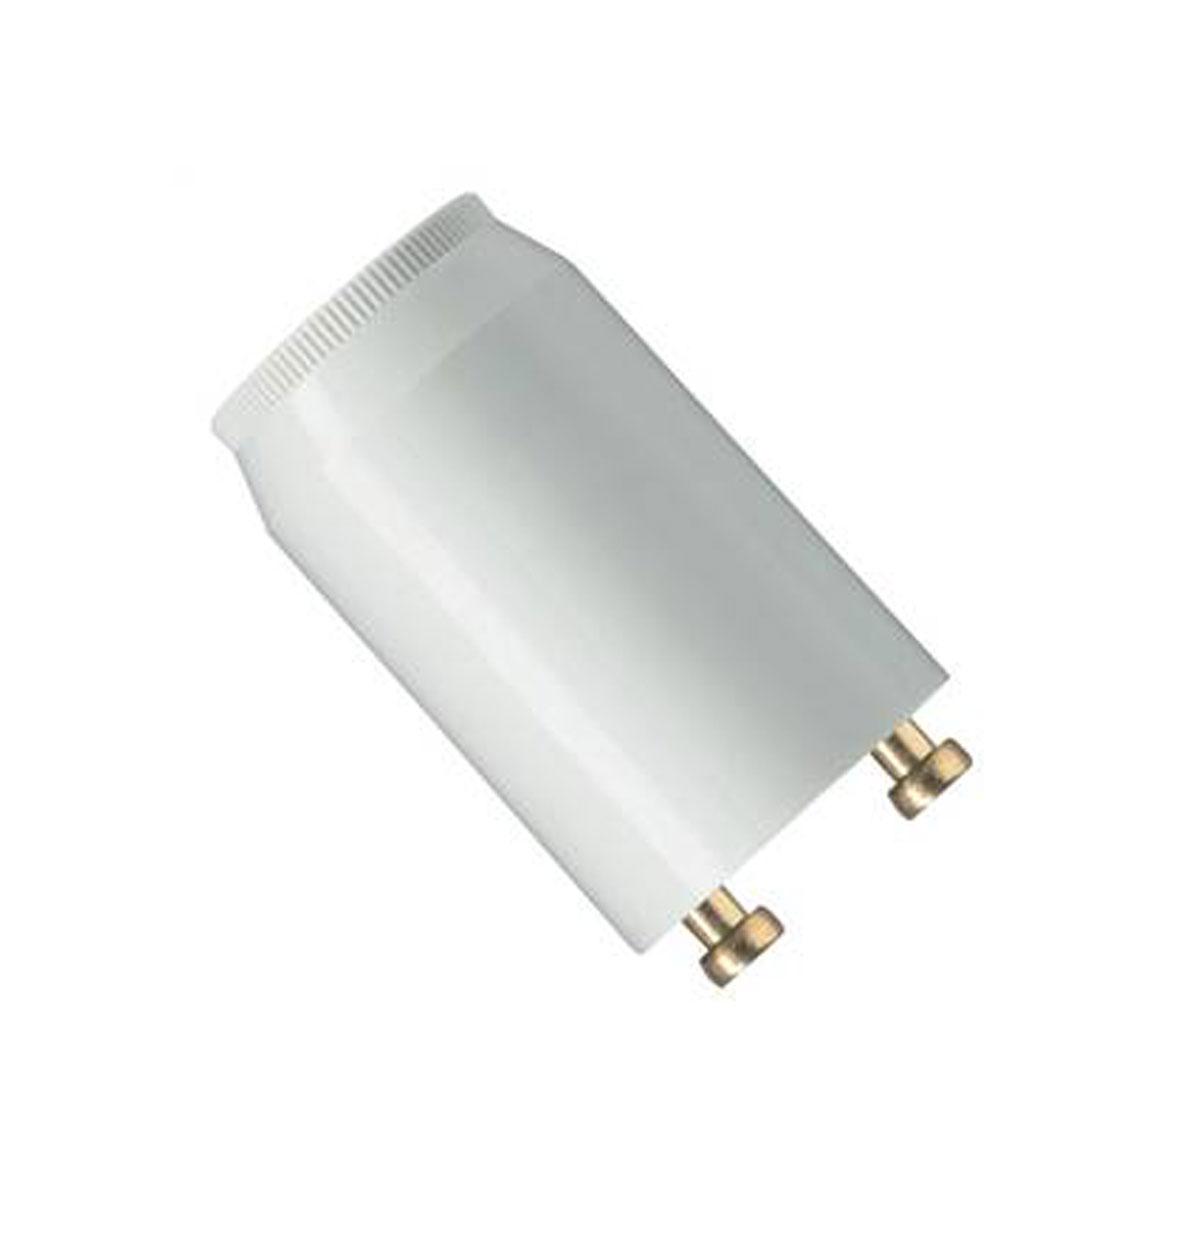 S10 Starter voor 25-65w TL Lamp